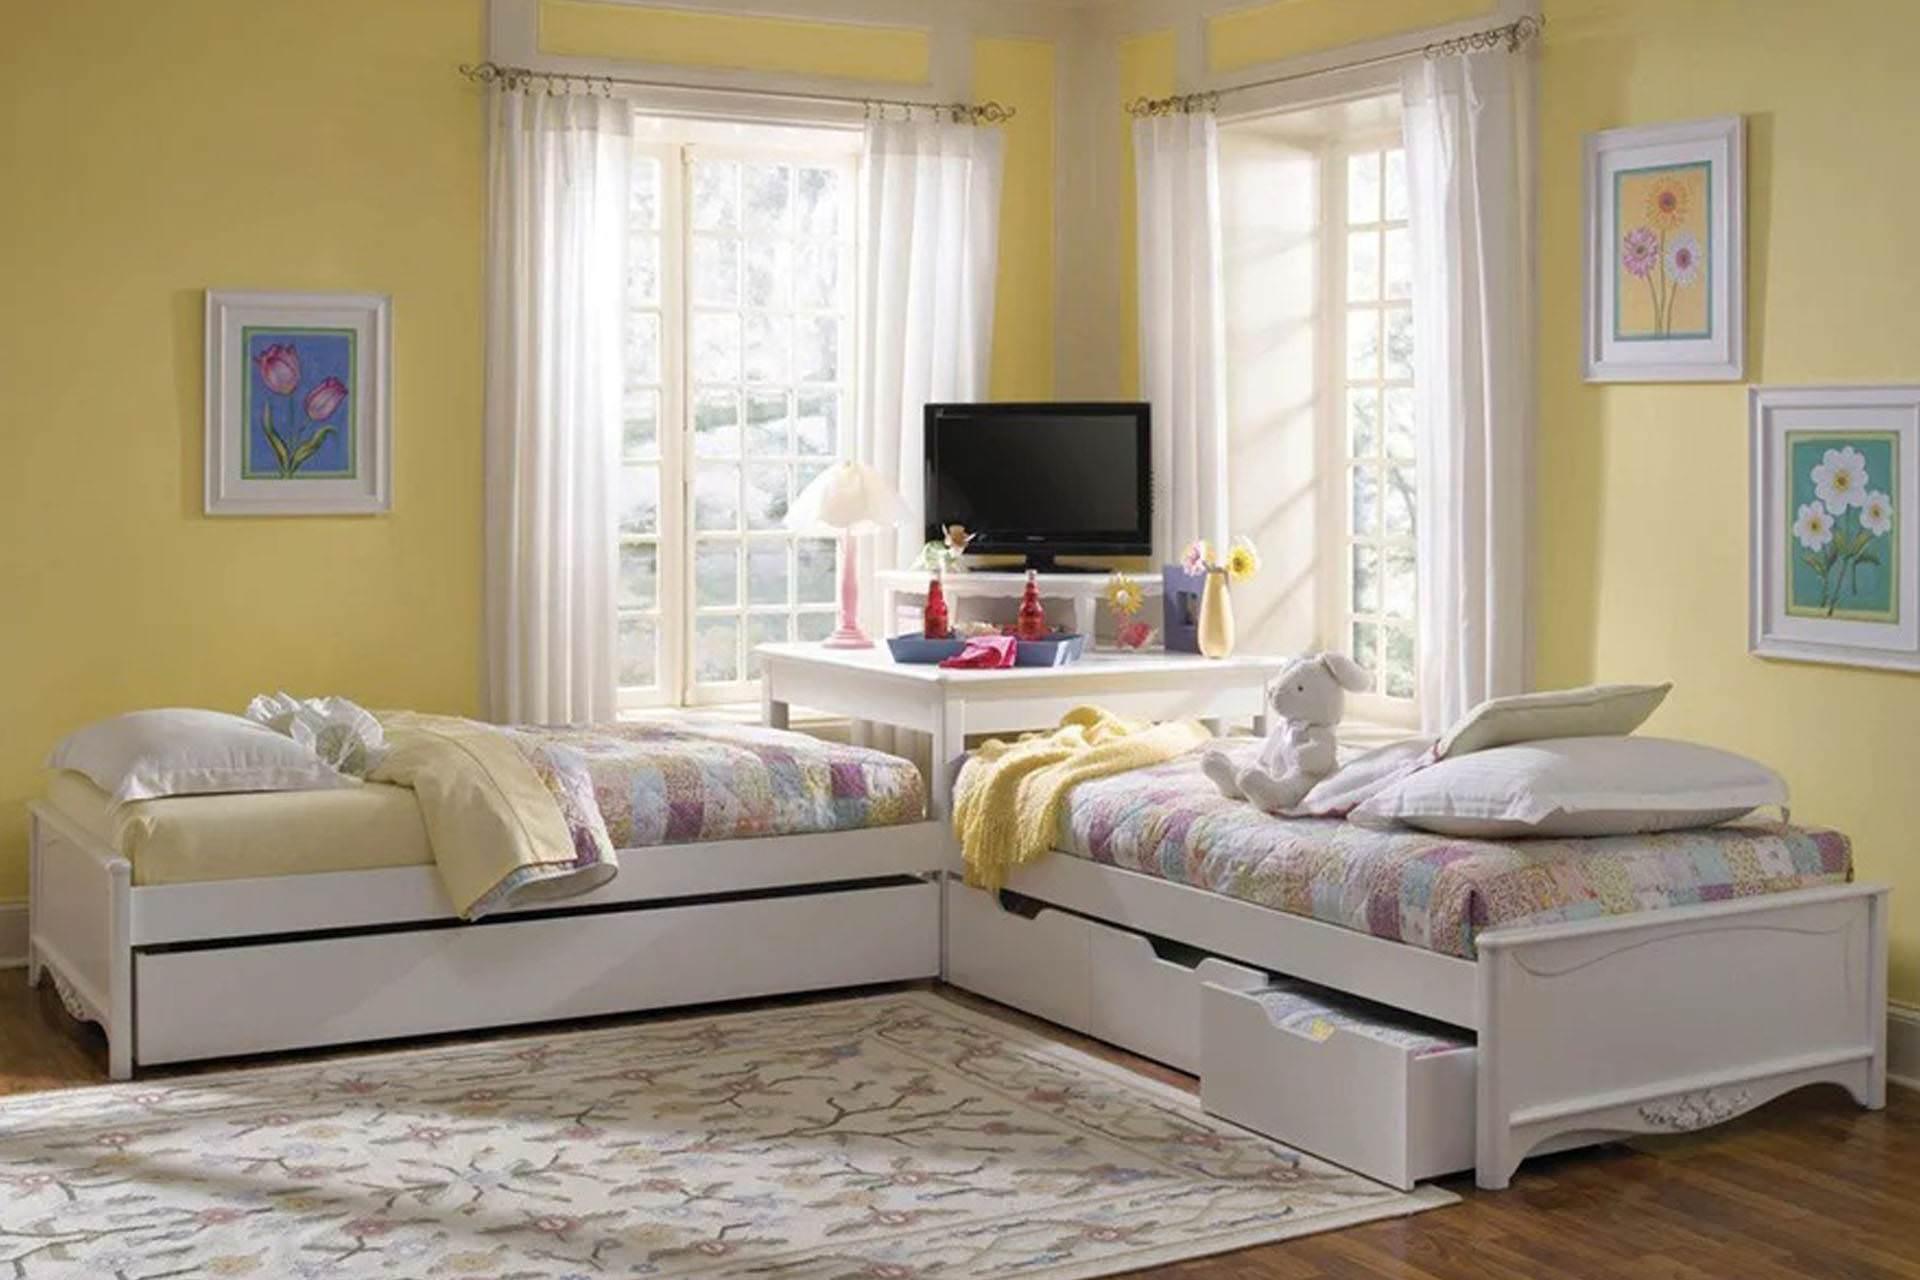 Cân nhắc cách bố trí phòng ngủ riêng cho các bé